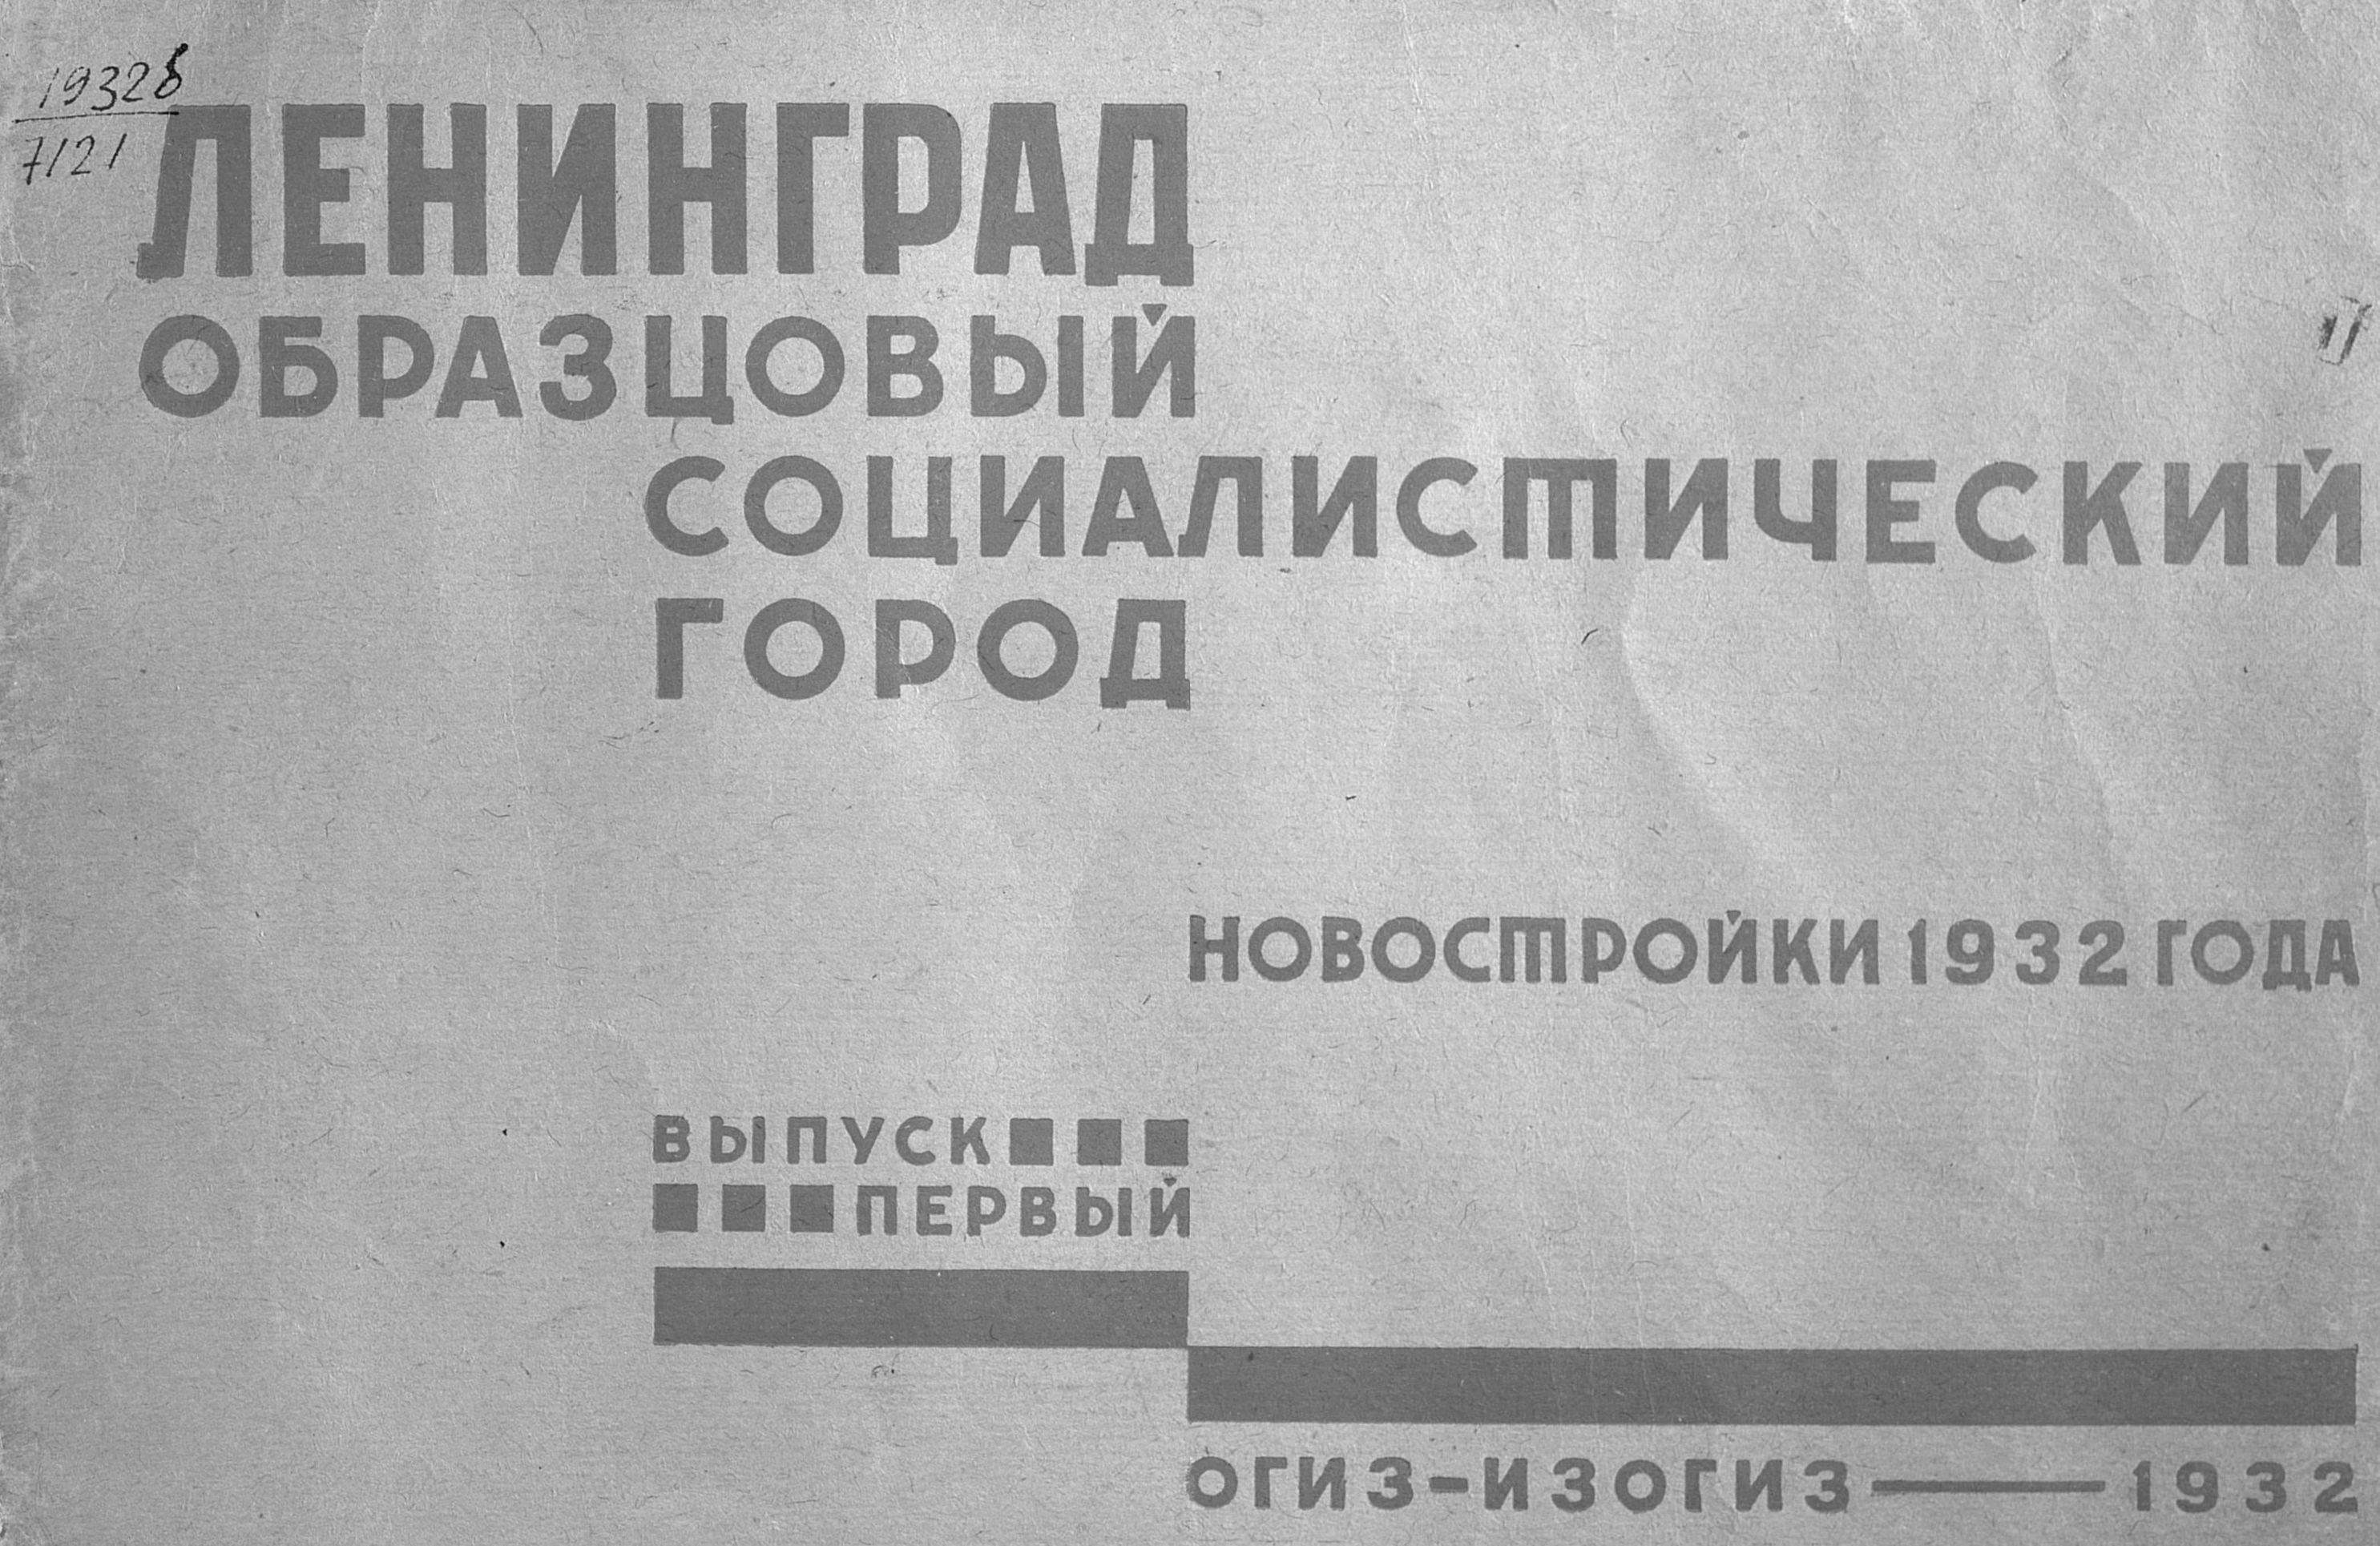 Коллектив авторов Ленинград - образцовый социалистический город коллектив авторов классика русского рассказа 16